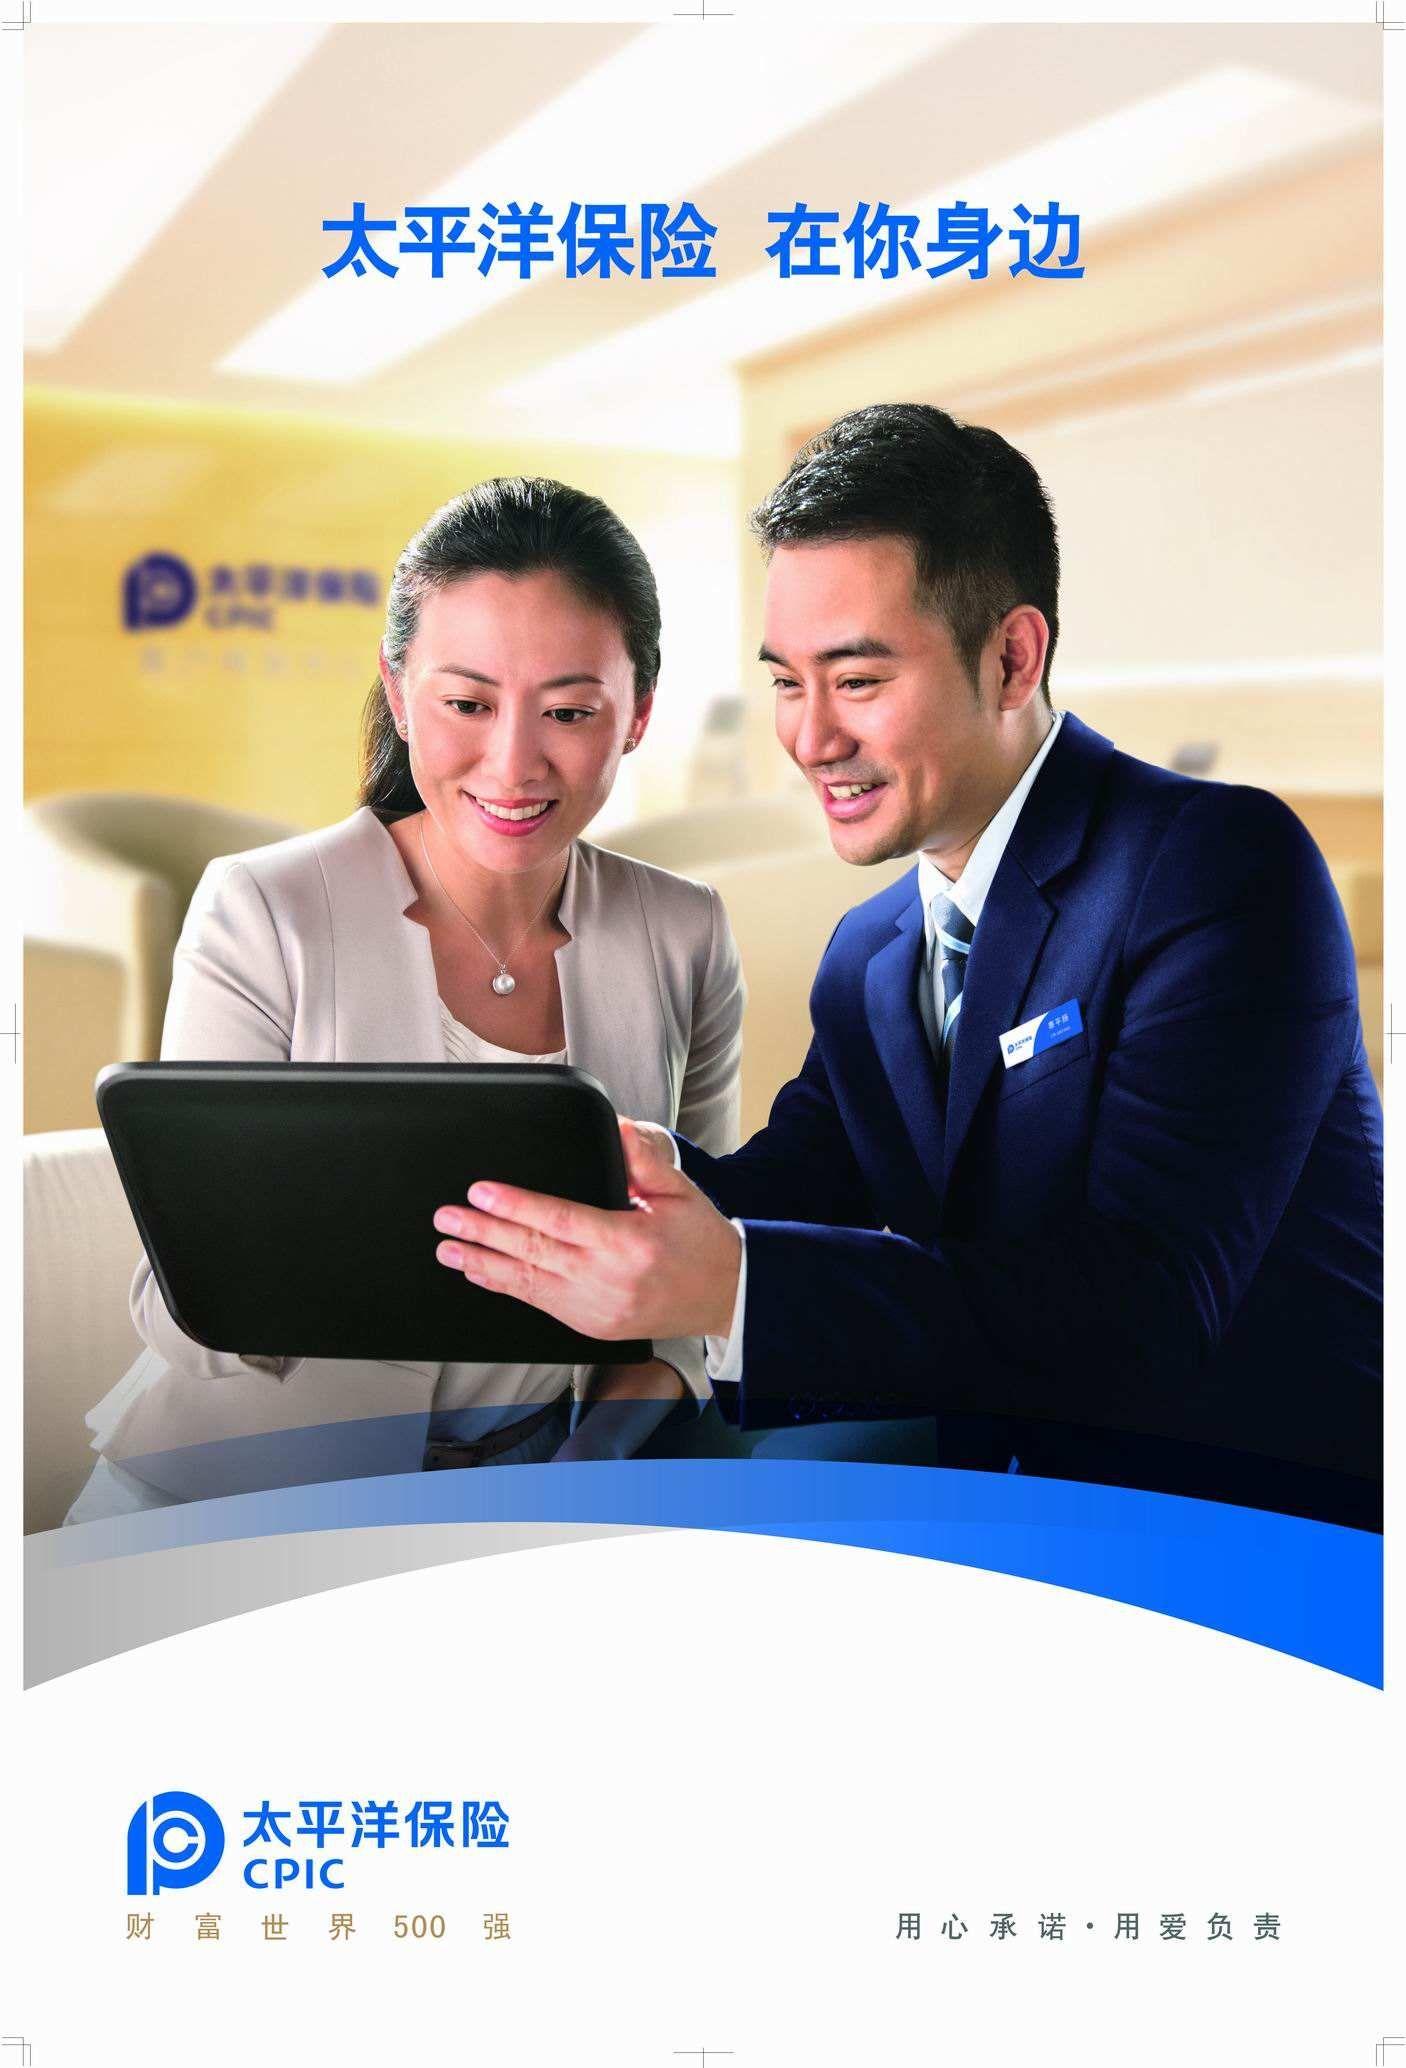 客户服务理念 客户服务理念管理方案 世界经理人论坛